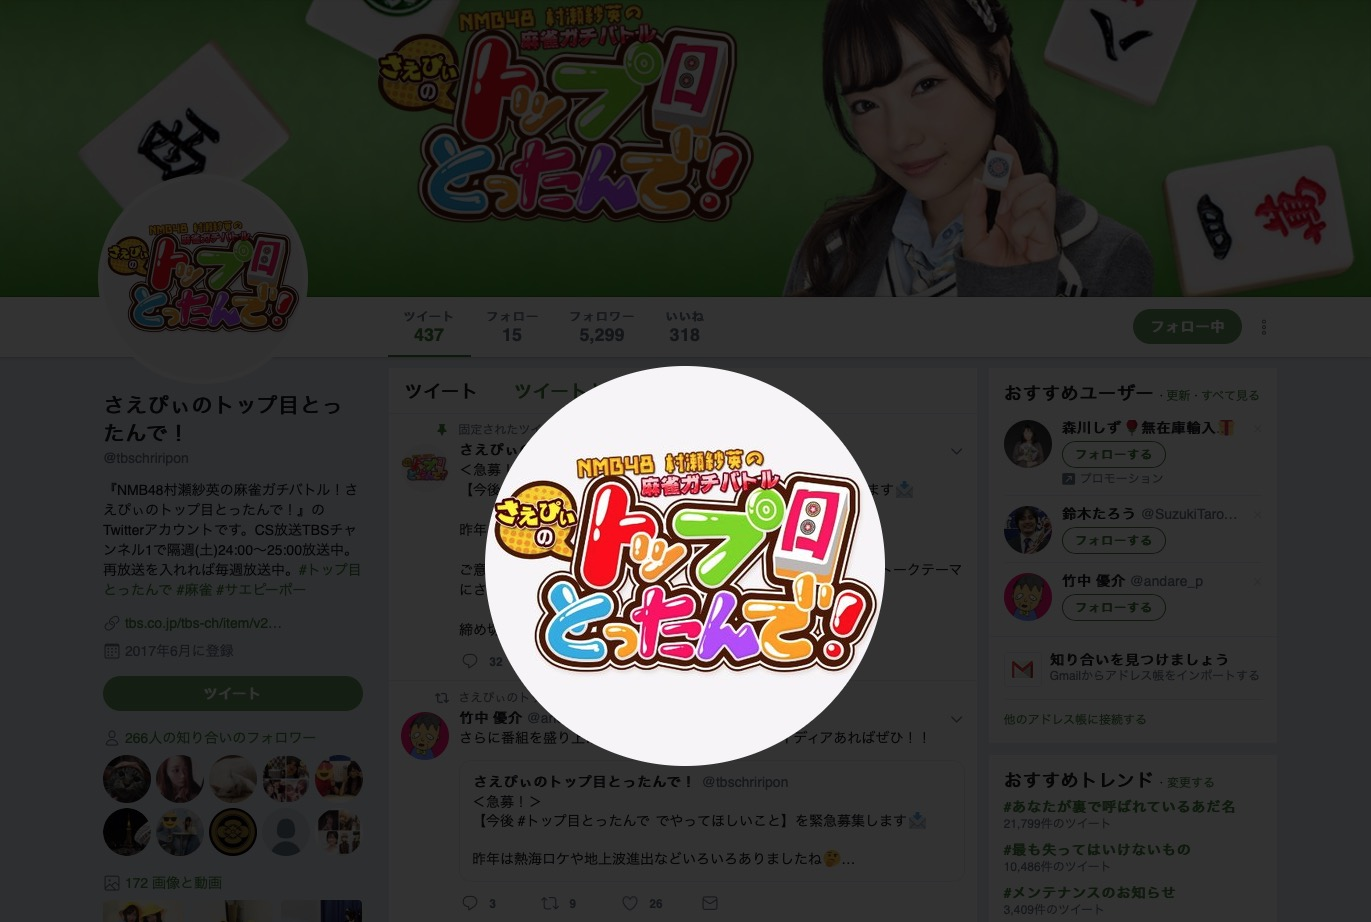 【NMB48】さえぴぃのトップ目とったんで!番組公式ツイッターが「今後やってほしいこと」を募集中。